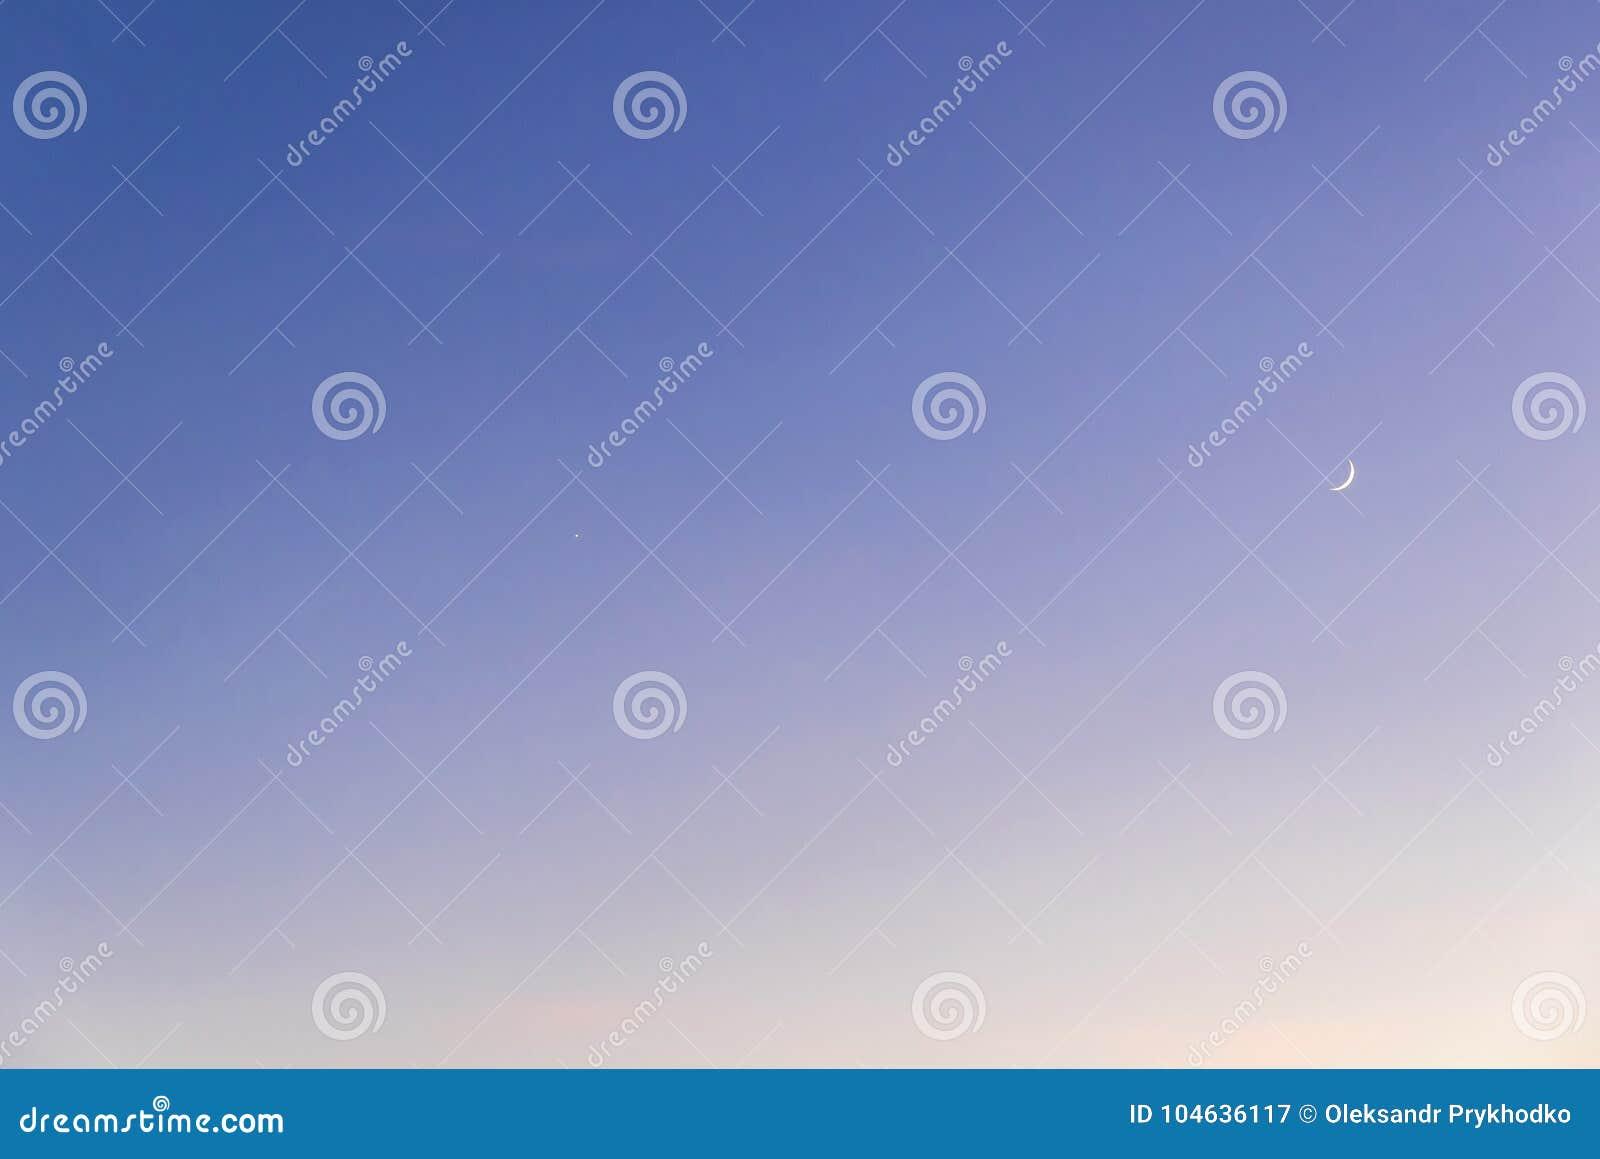 Download Gradiënt Blauw-gele Achtergrond Van Avondhemel Stock Afbeelding - Afbeelding bestaande uit luna, nave: 104636117